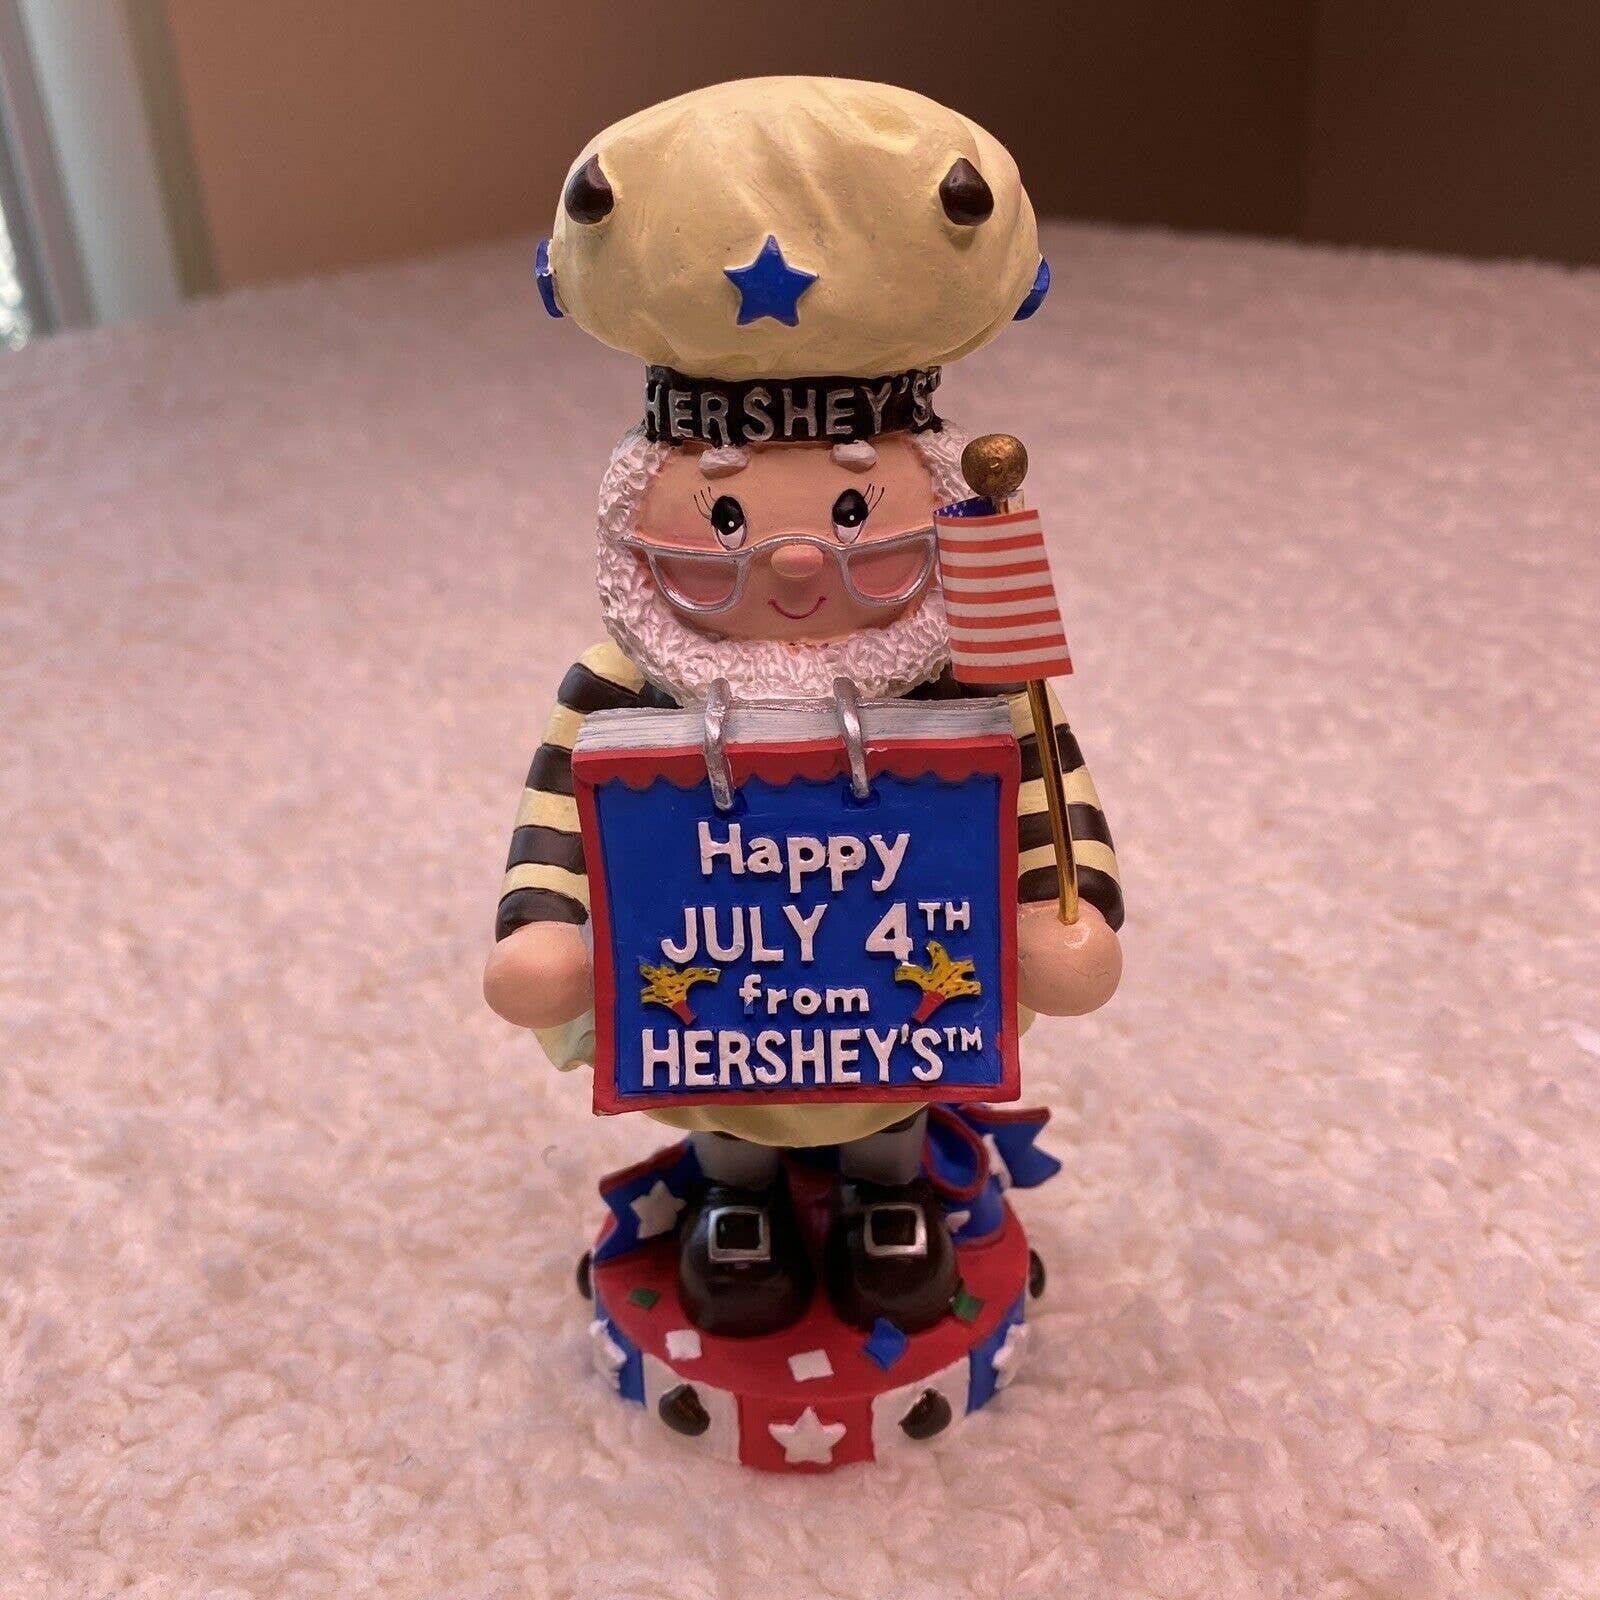 Hersheys Elf Happy July 4th From Hesheys